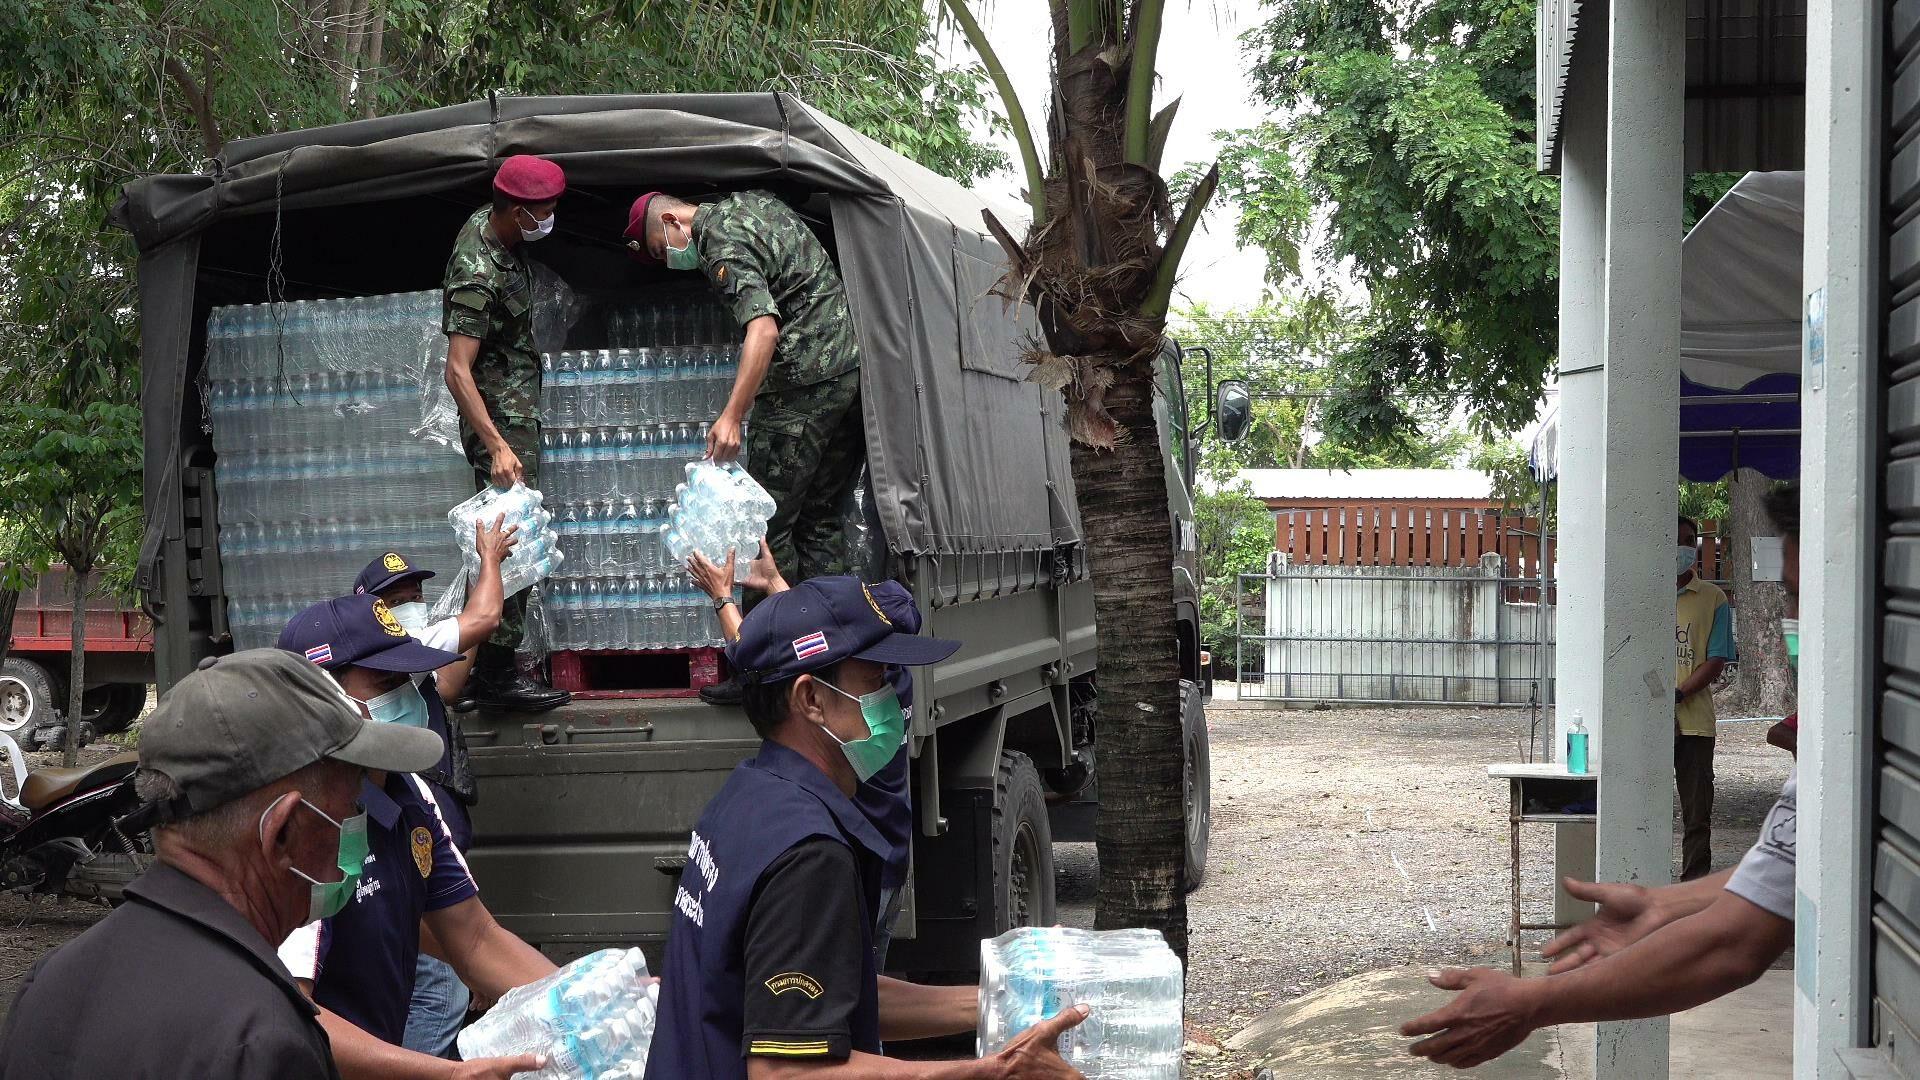 ศูนย์สงครามพิเศษ ลำเลียง สิ่งของเครื่องอุปโภค-บริโภค พร้อมน้ำดื่ม ช่วยเหลือผู้กักตัว